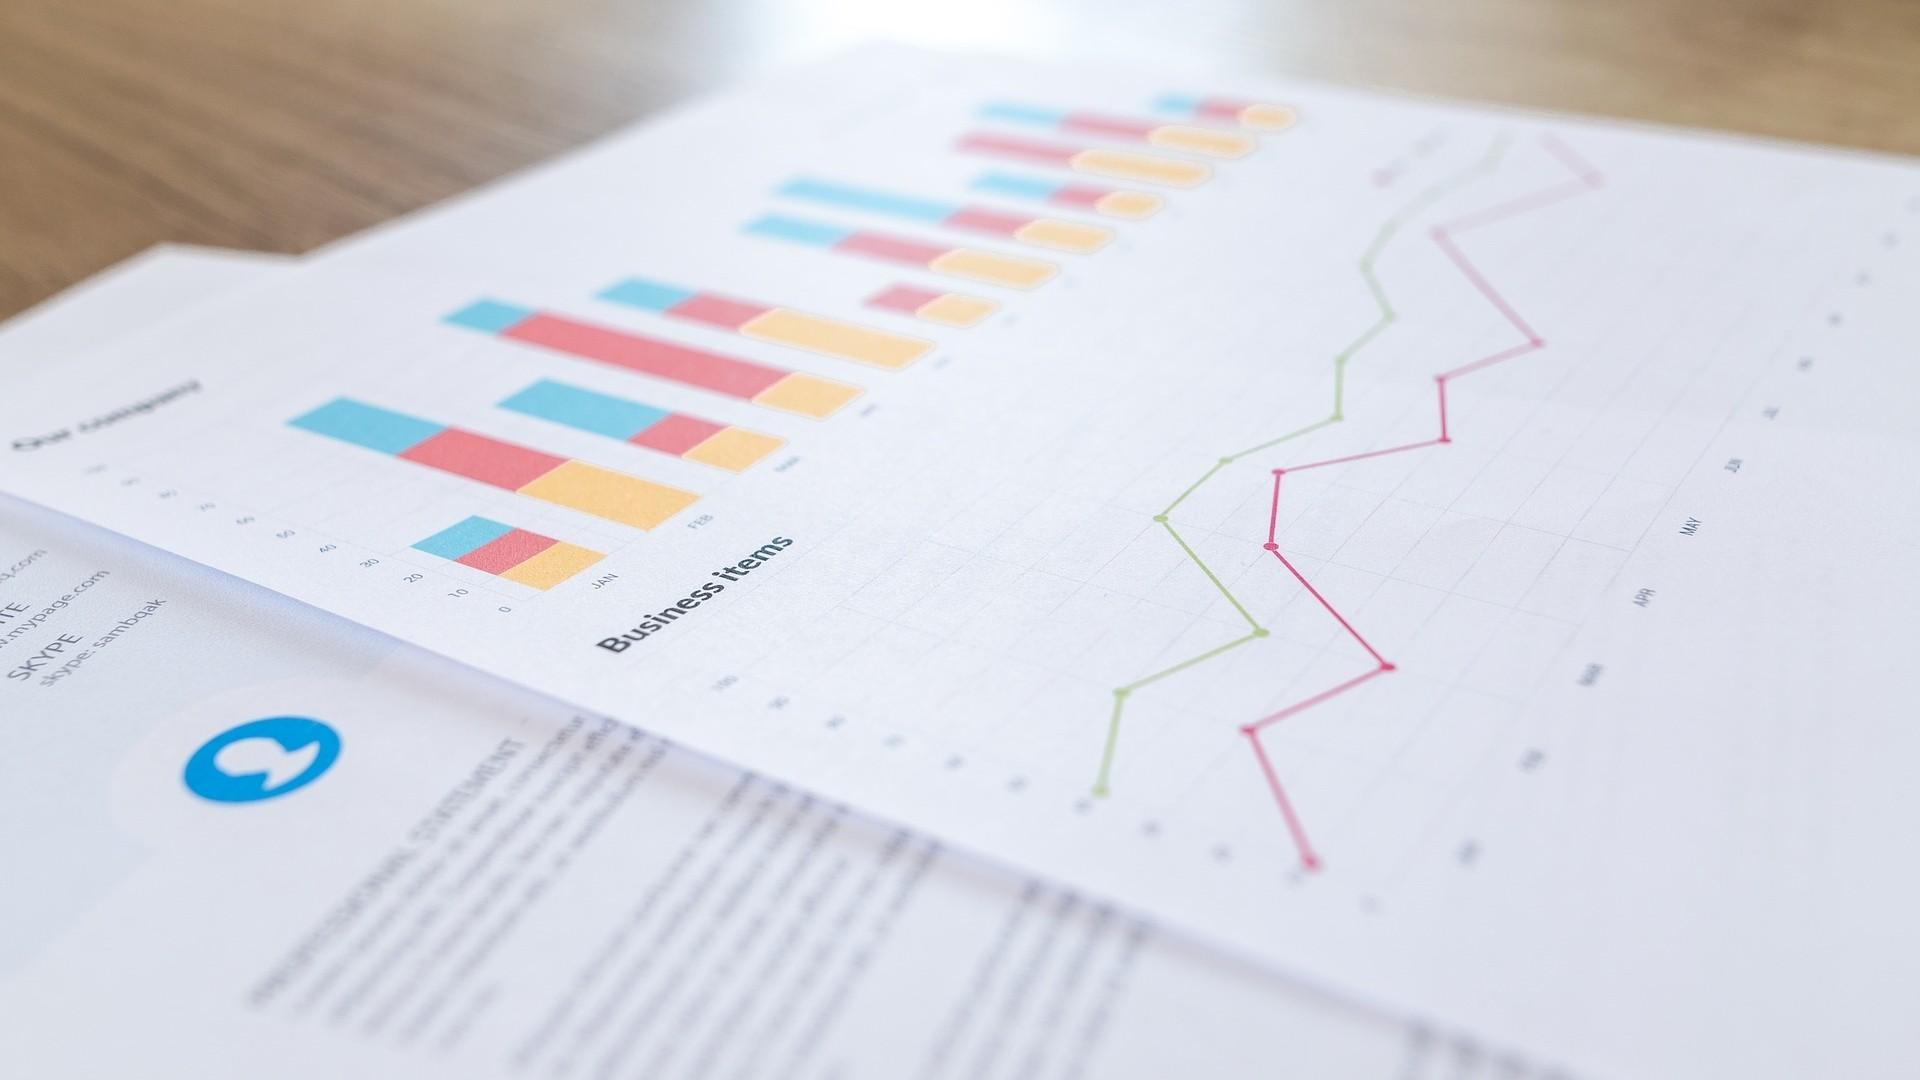 Martech,行銷科技,消費數據,廣告,內容體驗,人工智慧,新媒體,資訊碎片化,行銷